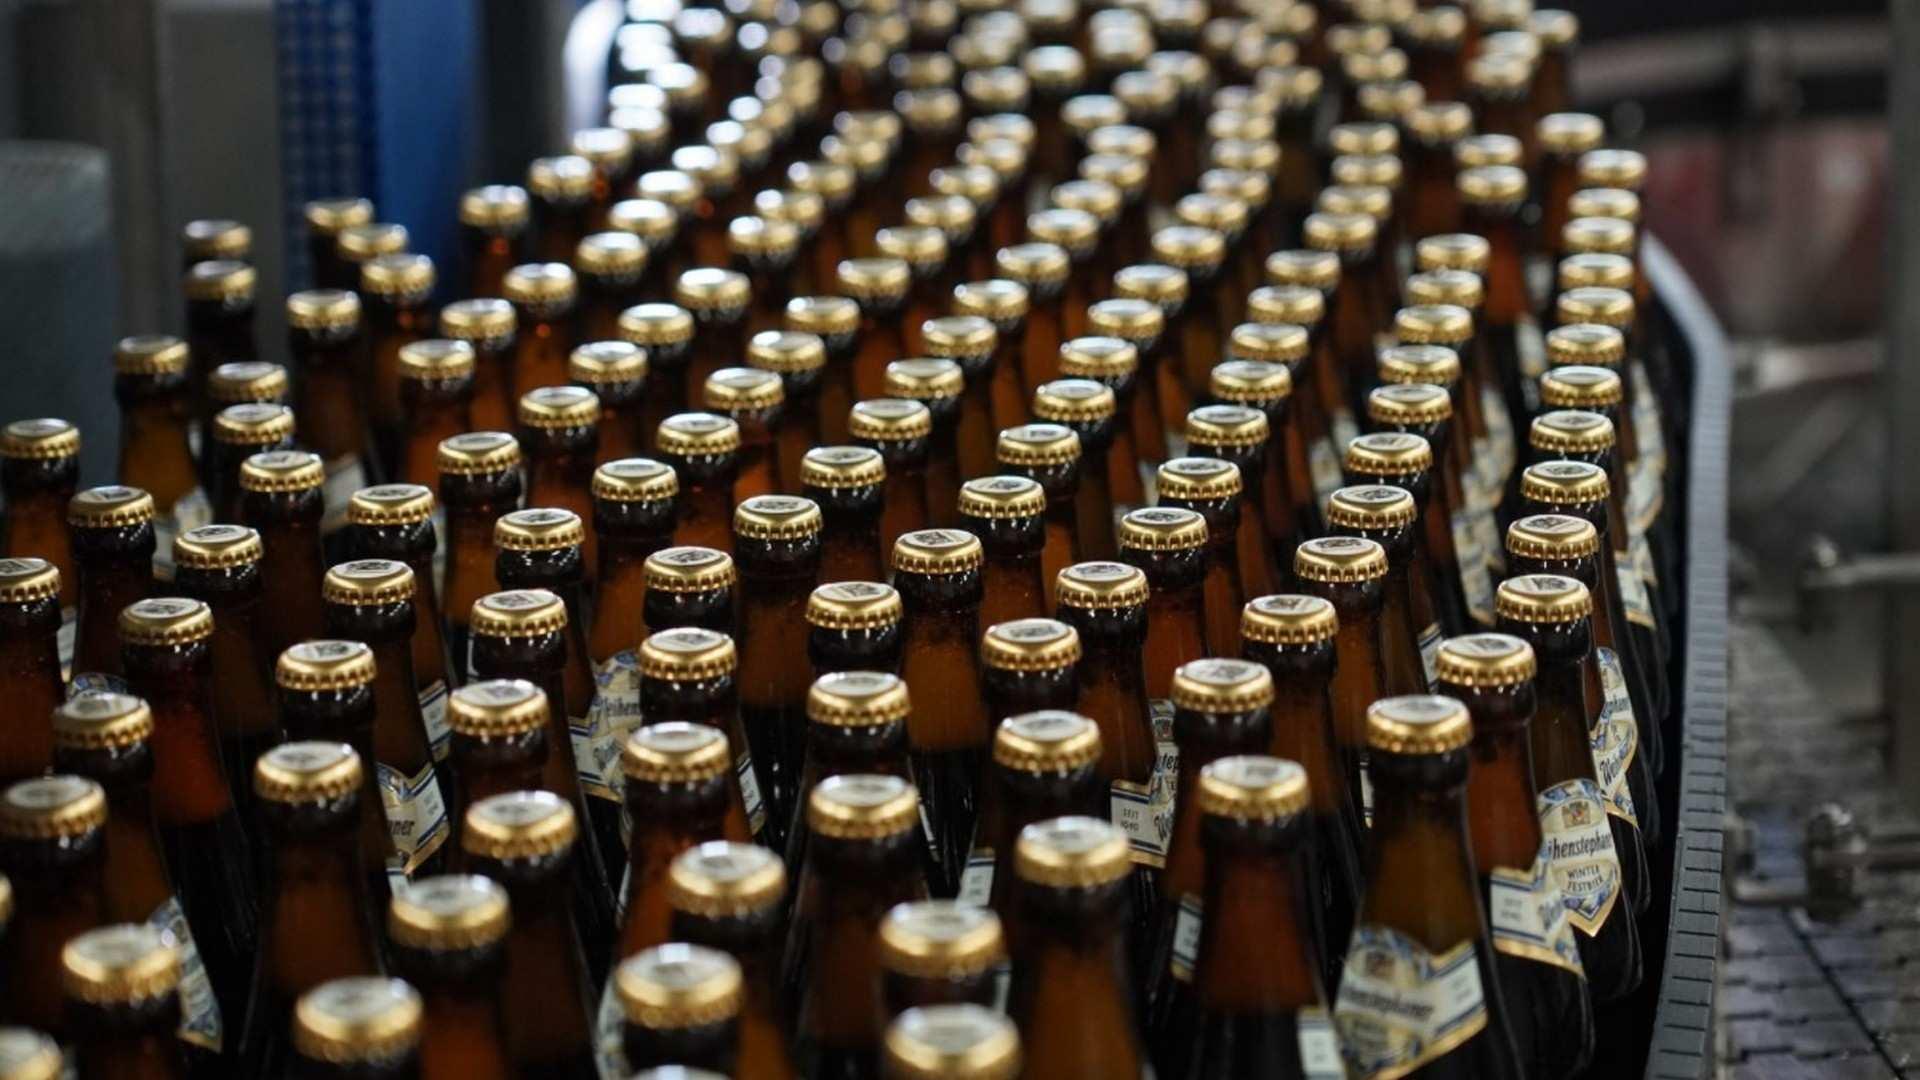 Weihenstephaner, la cervecera más antigua del mundo